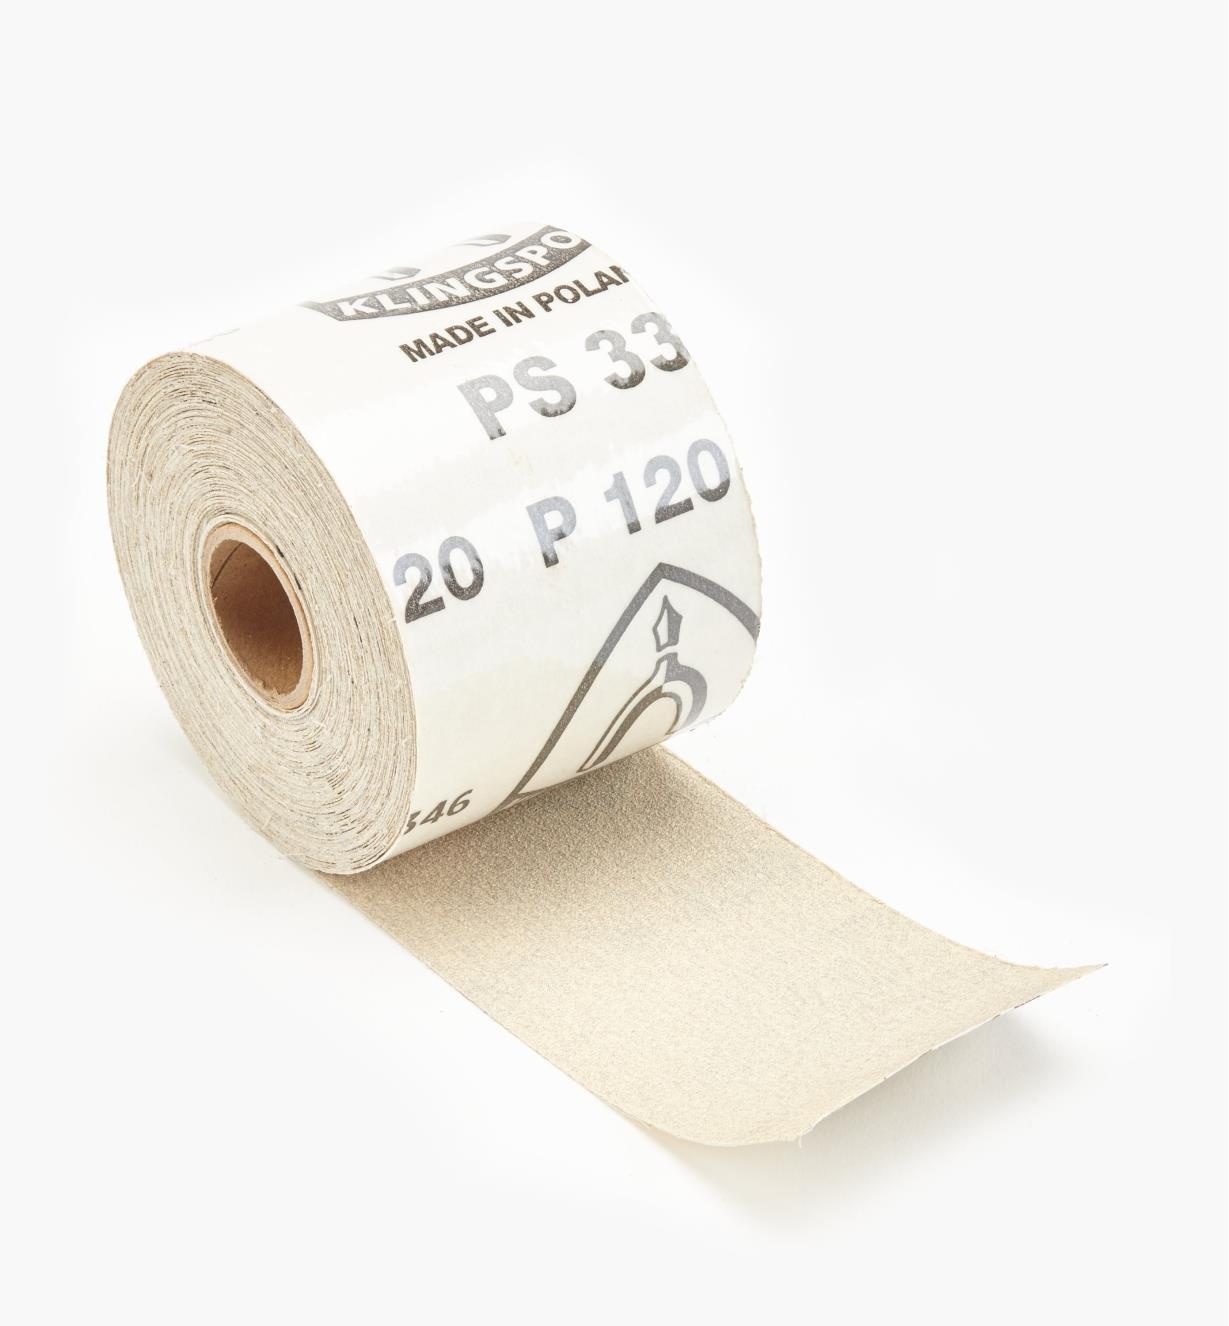 68Z7203 - Rouleau de papier autocollant de 30 pi, grain120